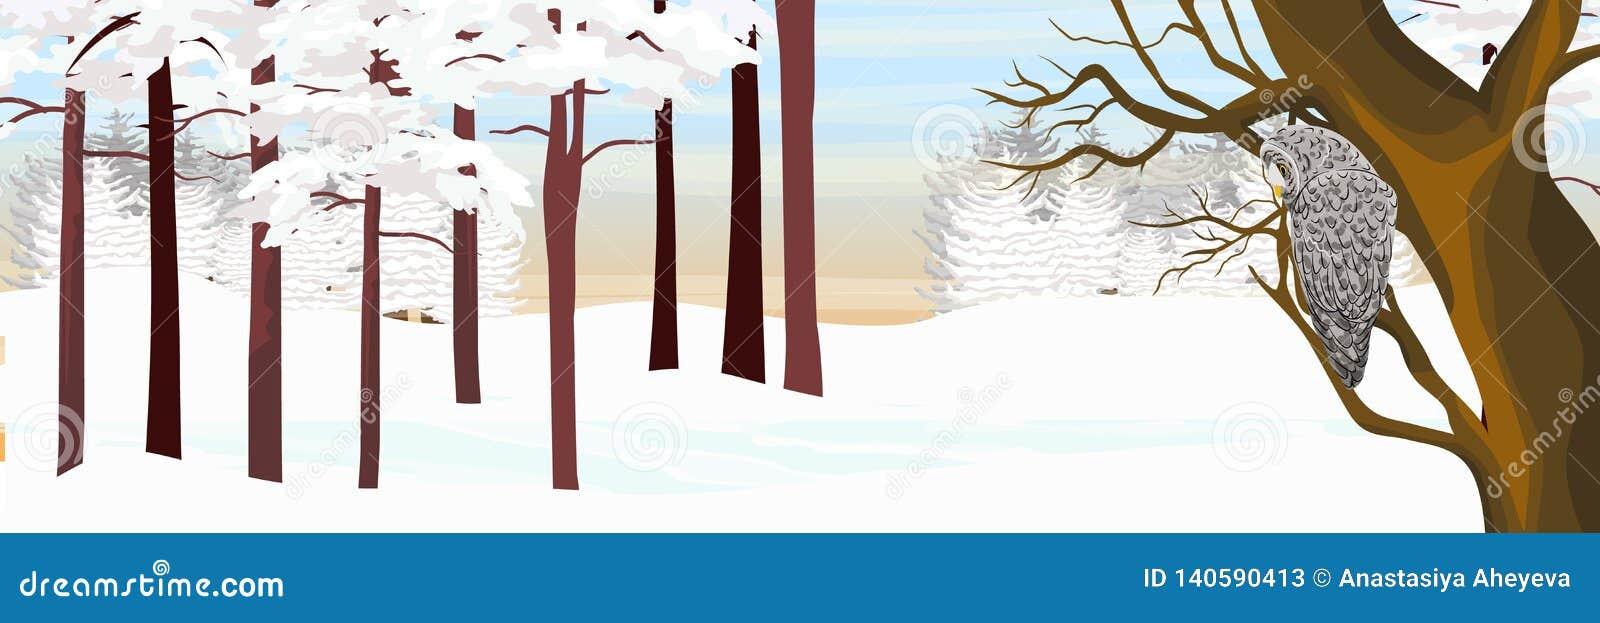 Un hibou gris se repose sur un arbre dans une forêt de pin d hiver